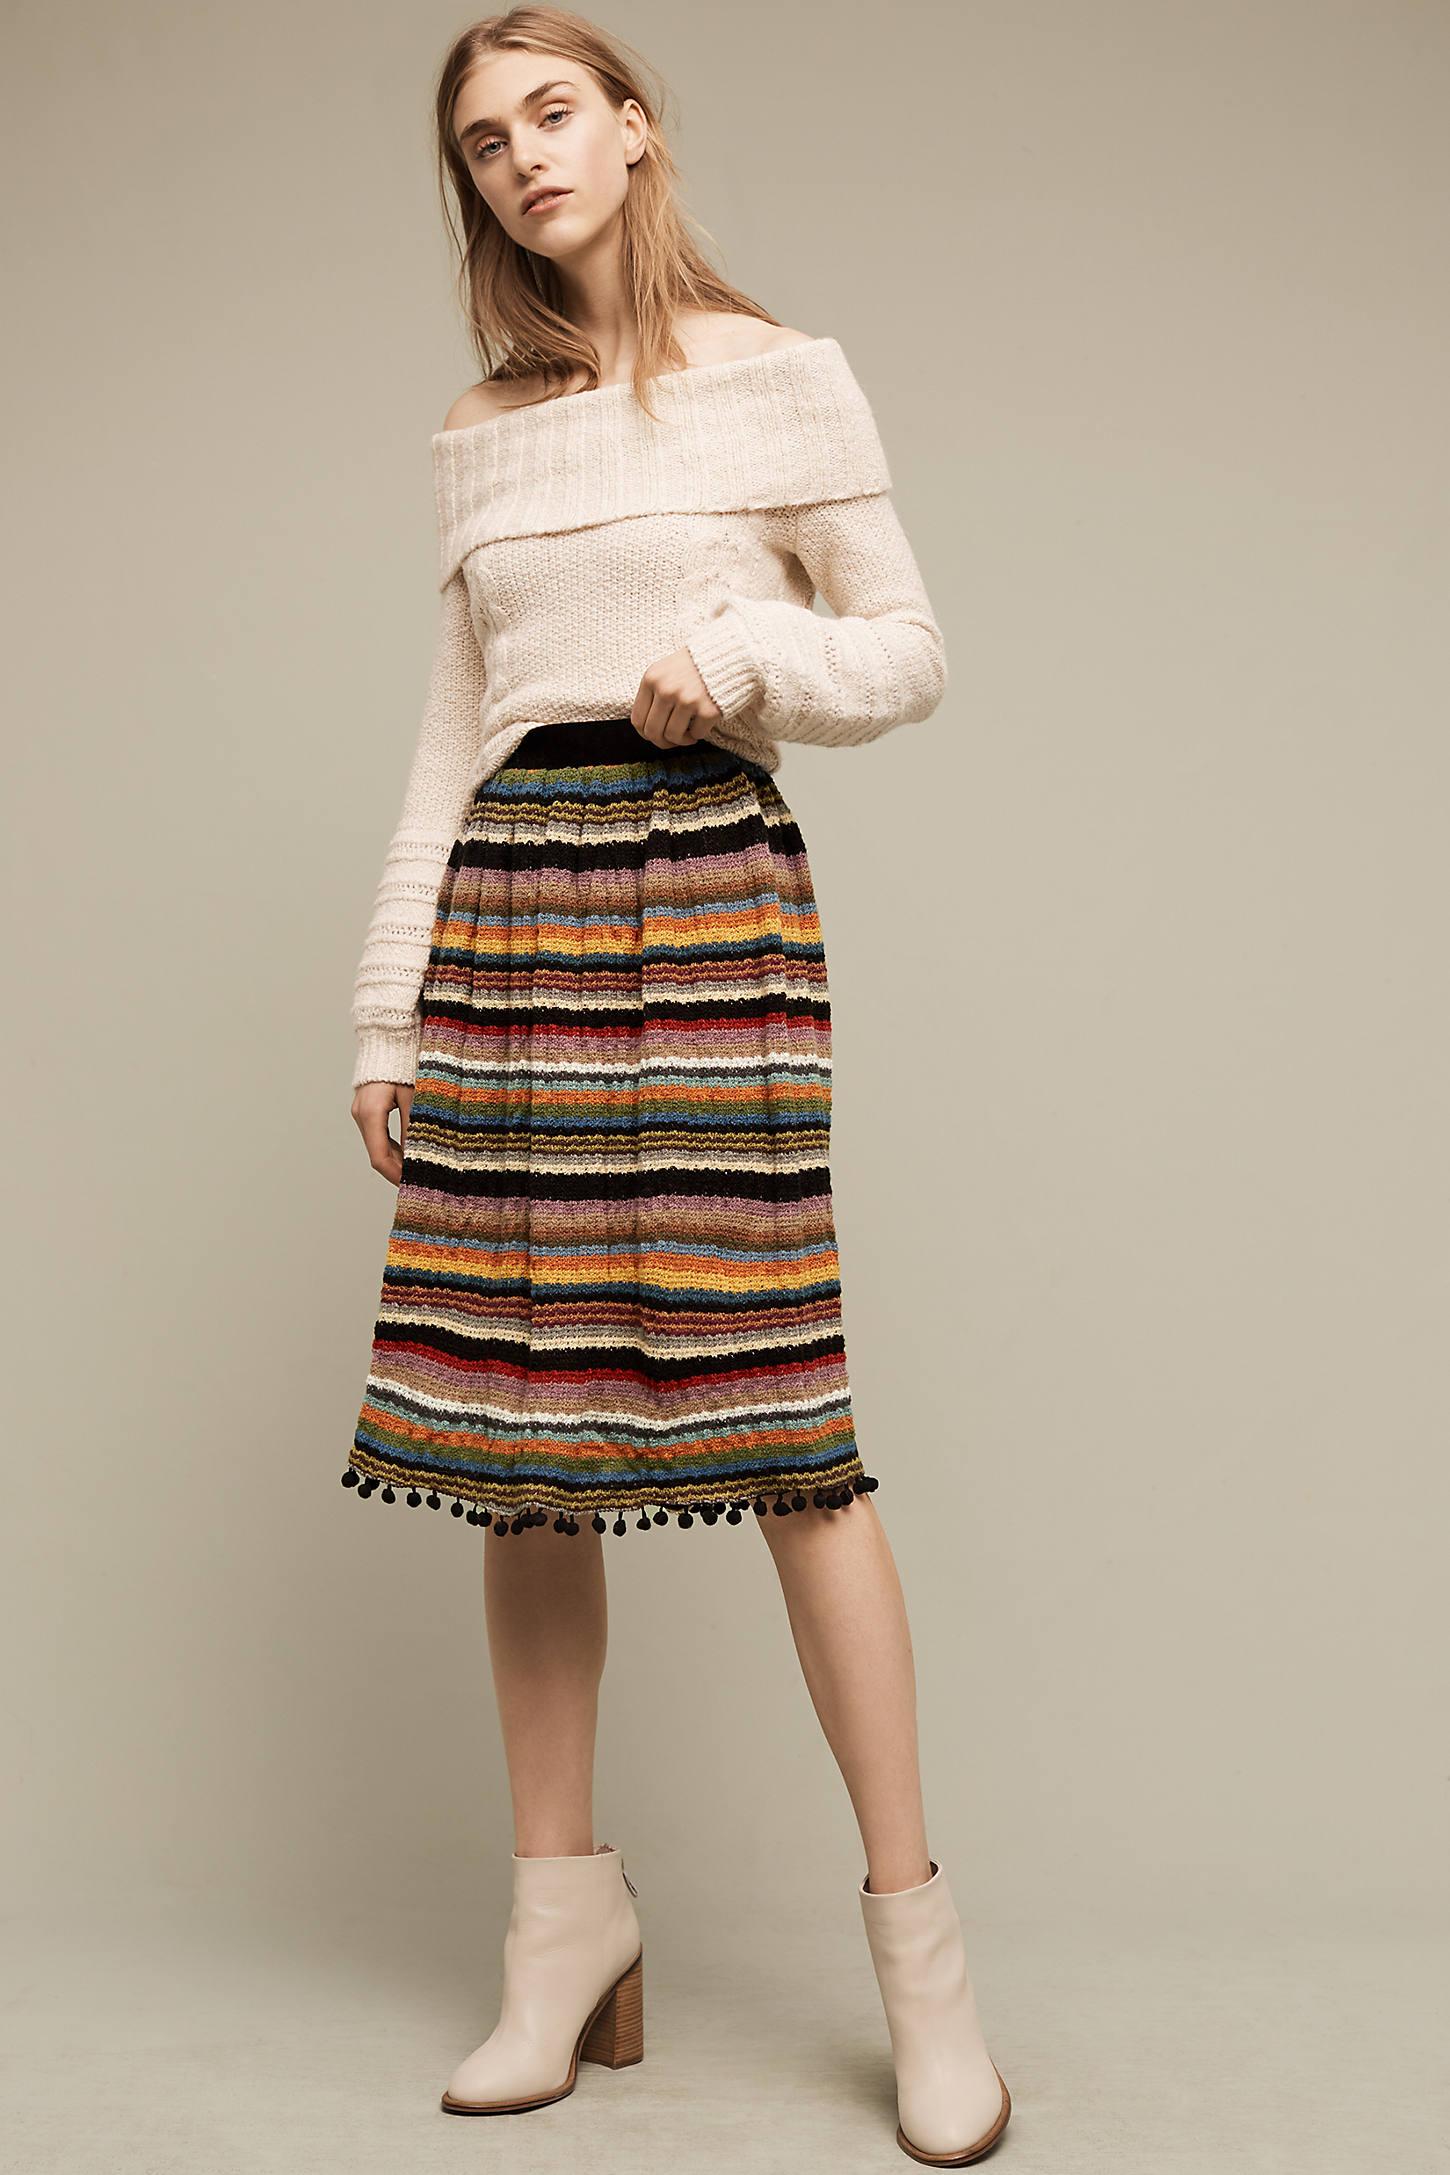 Striped & Pommed Sweater Skirt